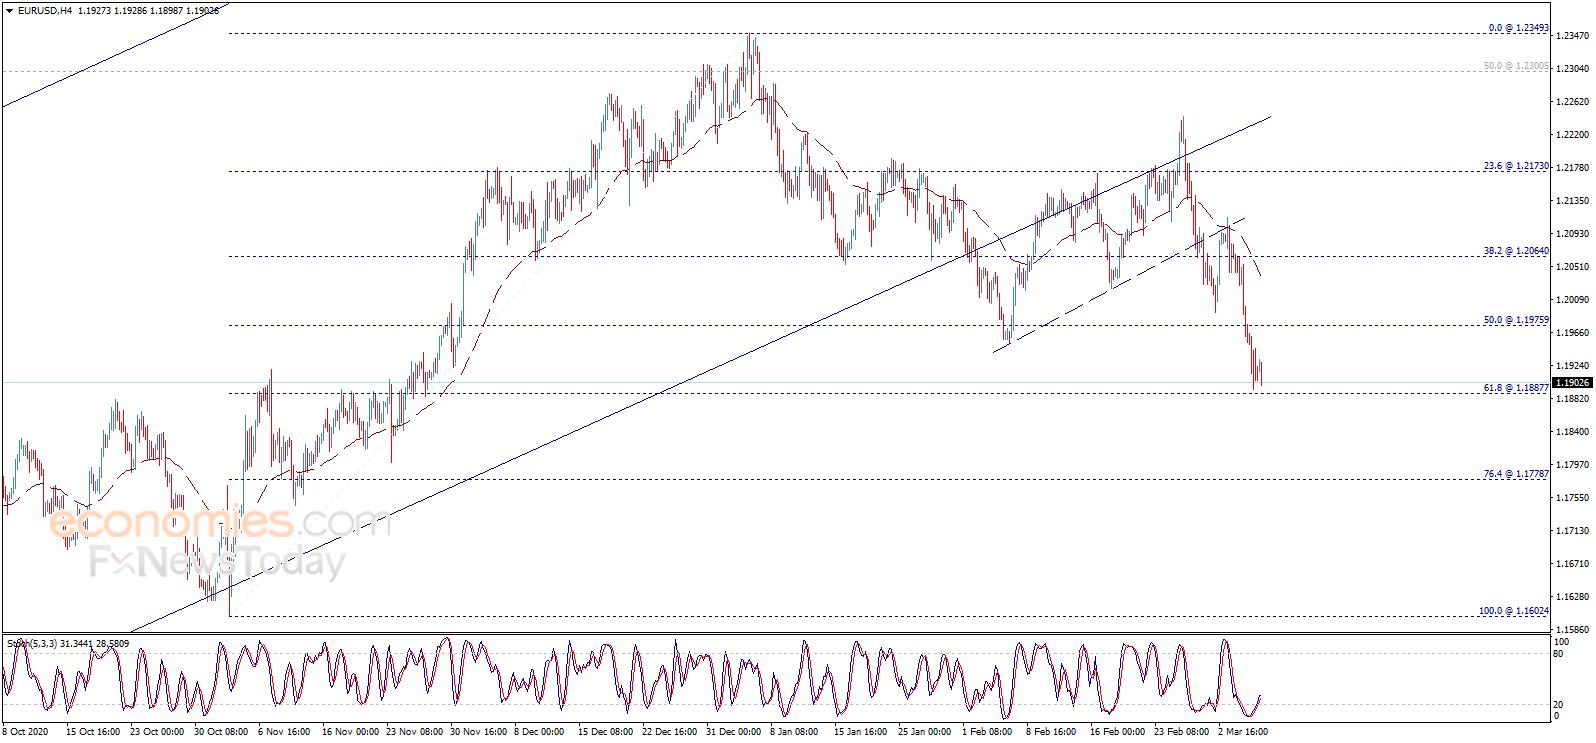 黄金突然一波急跌行情 欧元、英镑和日元交易分析